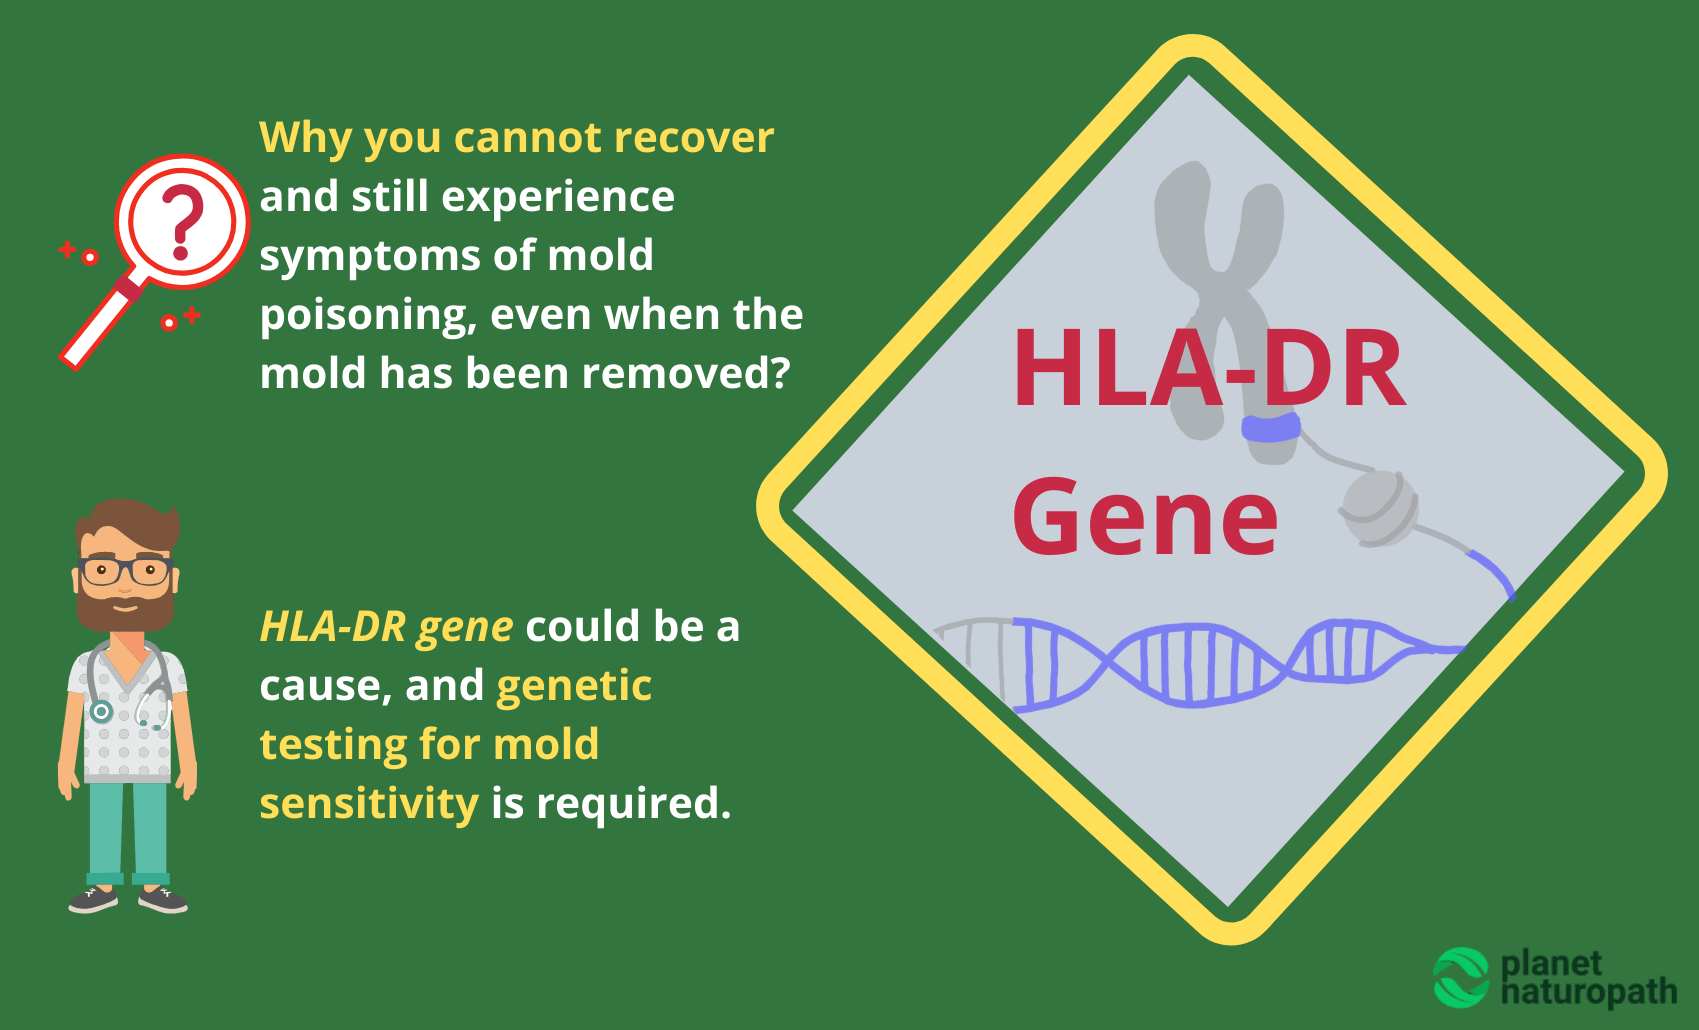 HLA-DR-Gene-Testing